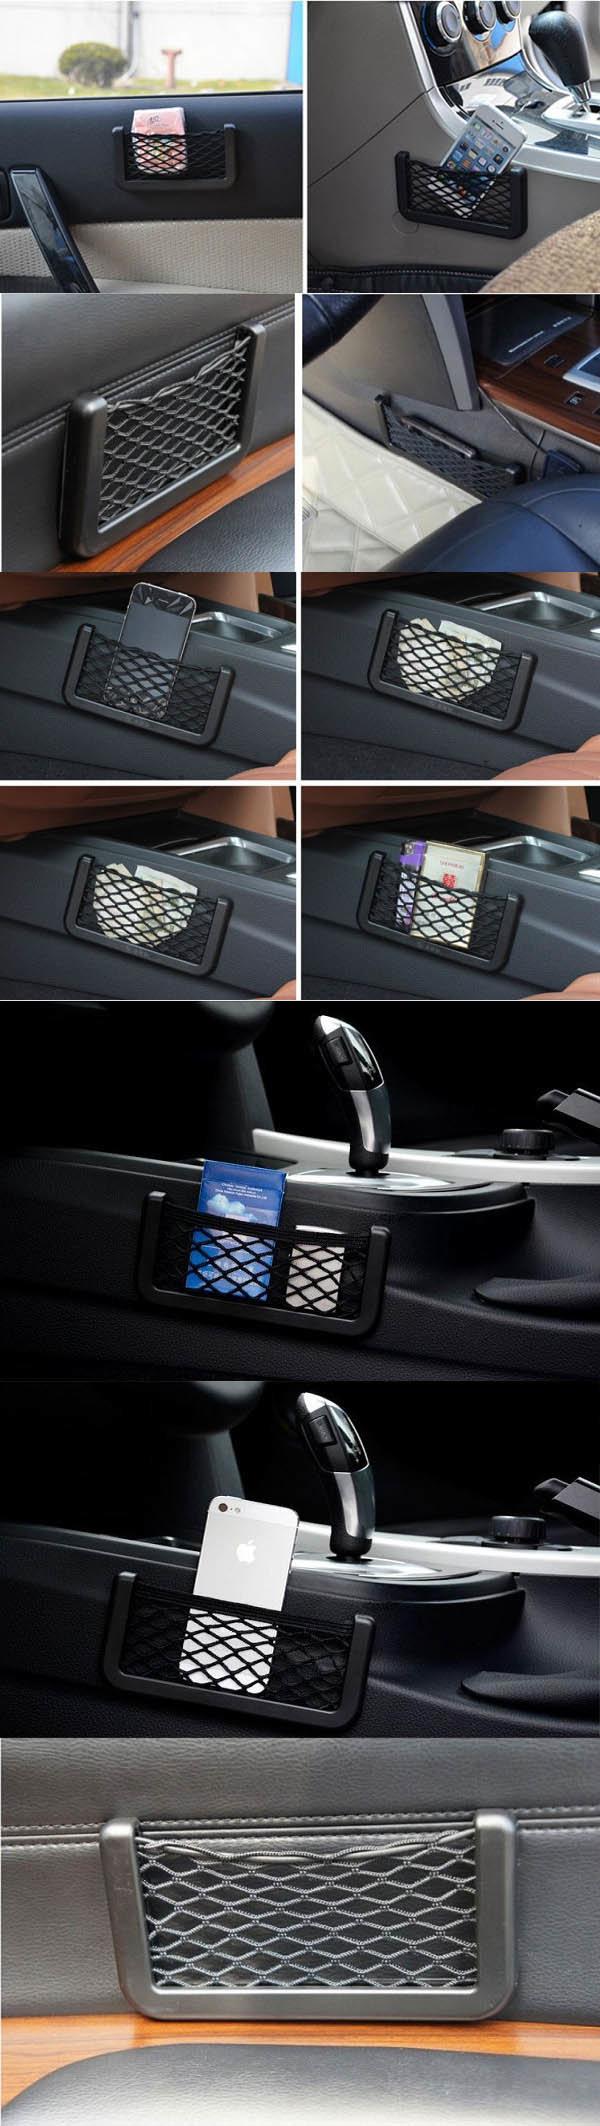 Síťová kapsa do auta na mobilní telefon - použití